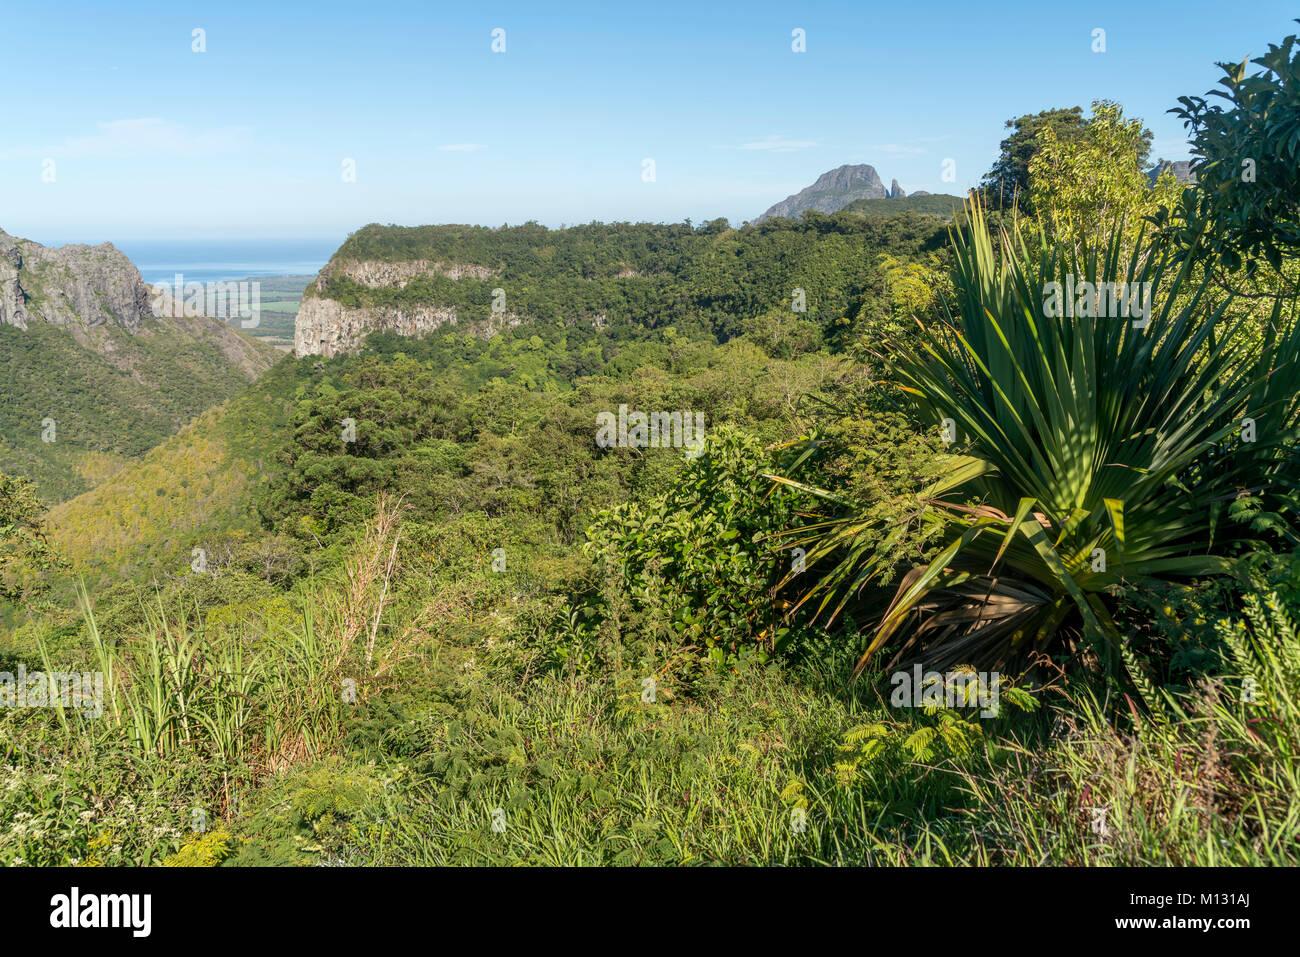 Gebirgslandschaft bei Henrietta, Mauritius, Afrika | Landscape at  Henrietta,  Mauritius, Africa - Stock Image